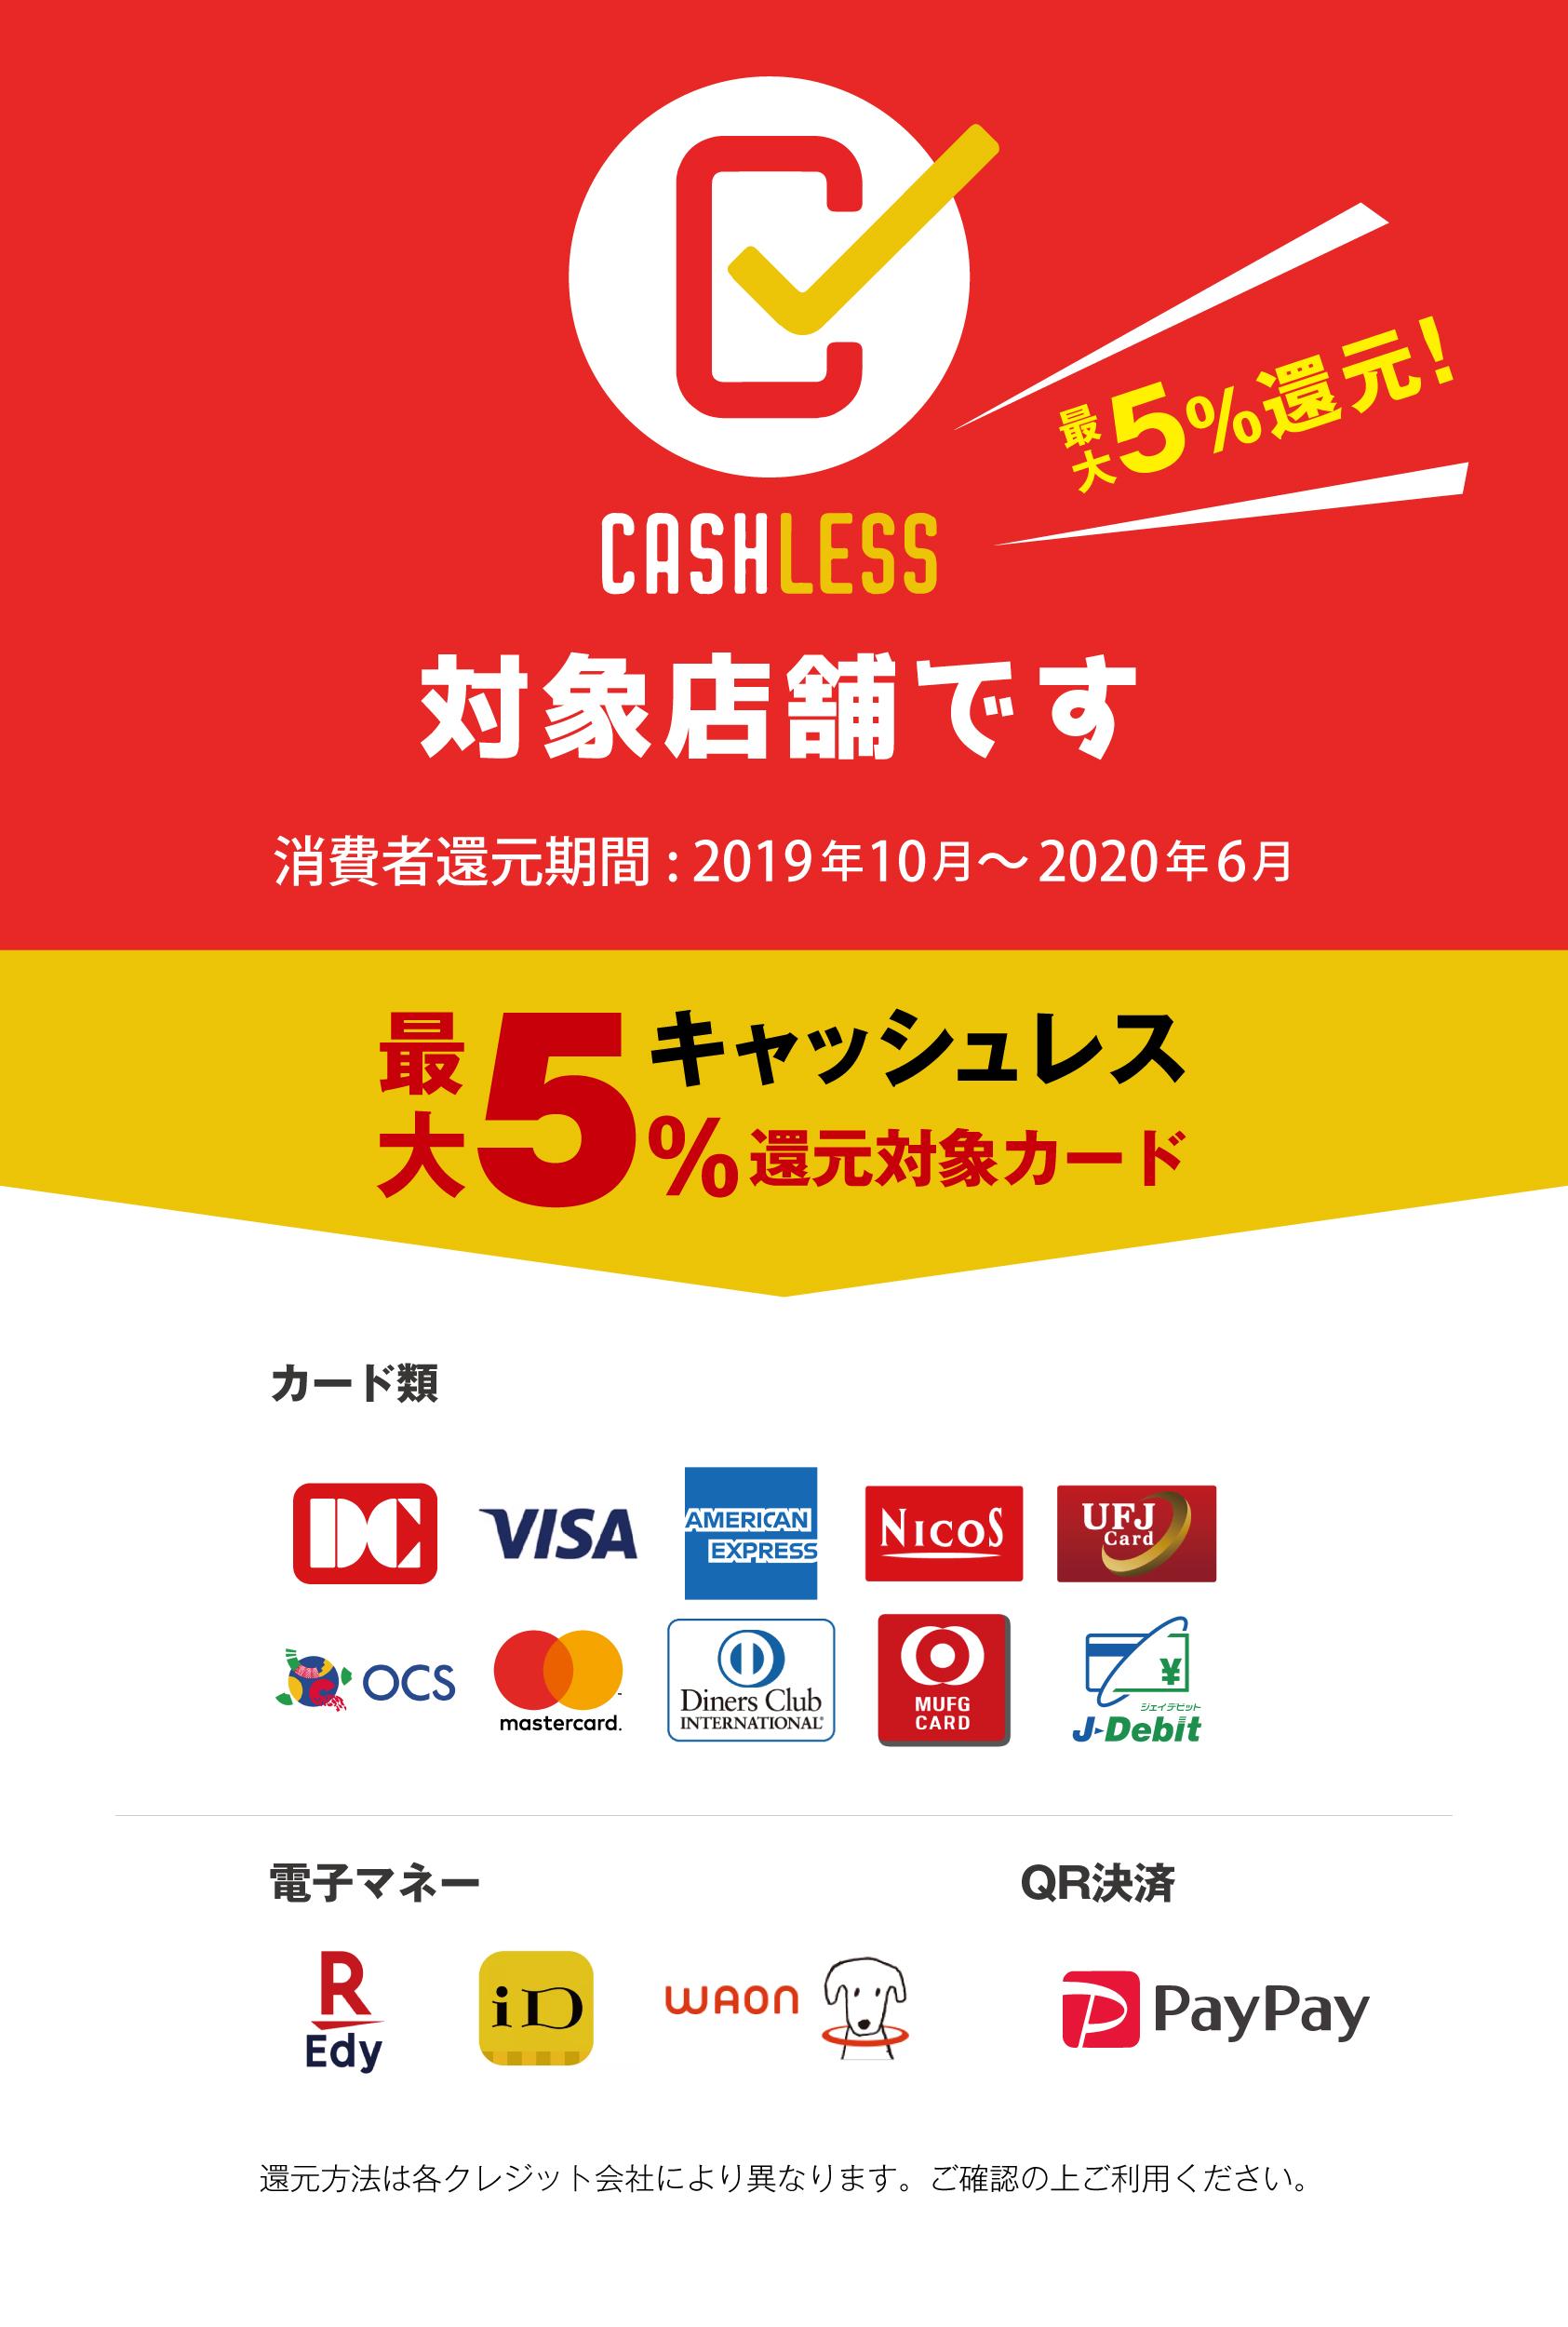 キャッシュレス還元対象カード